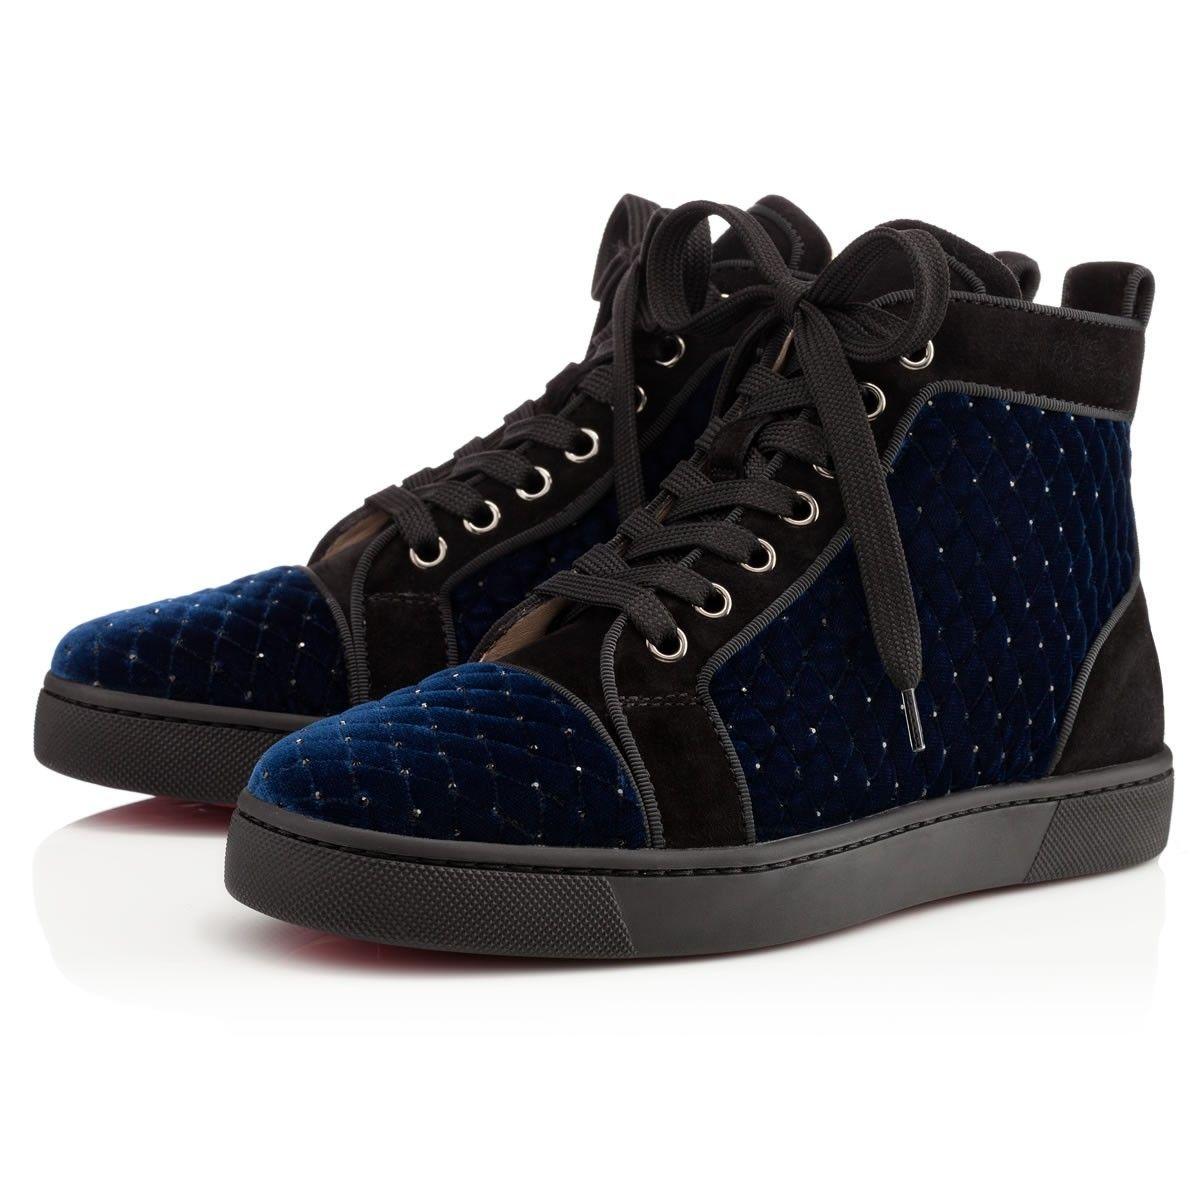 pas cher pour réduction 57930 dc946 Louboutin Orlato femme strass | louboutin femme | Shoes ...